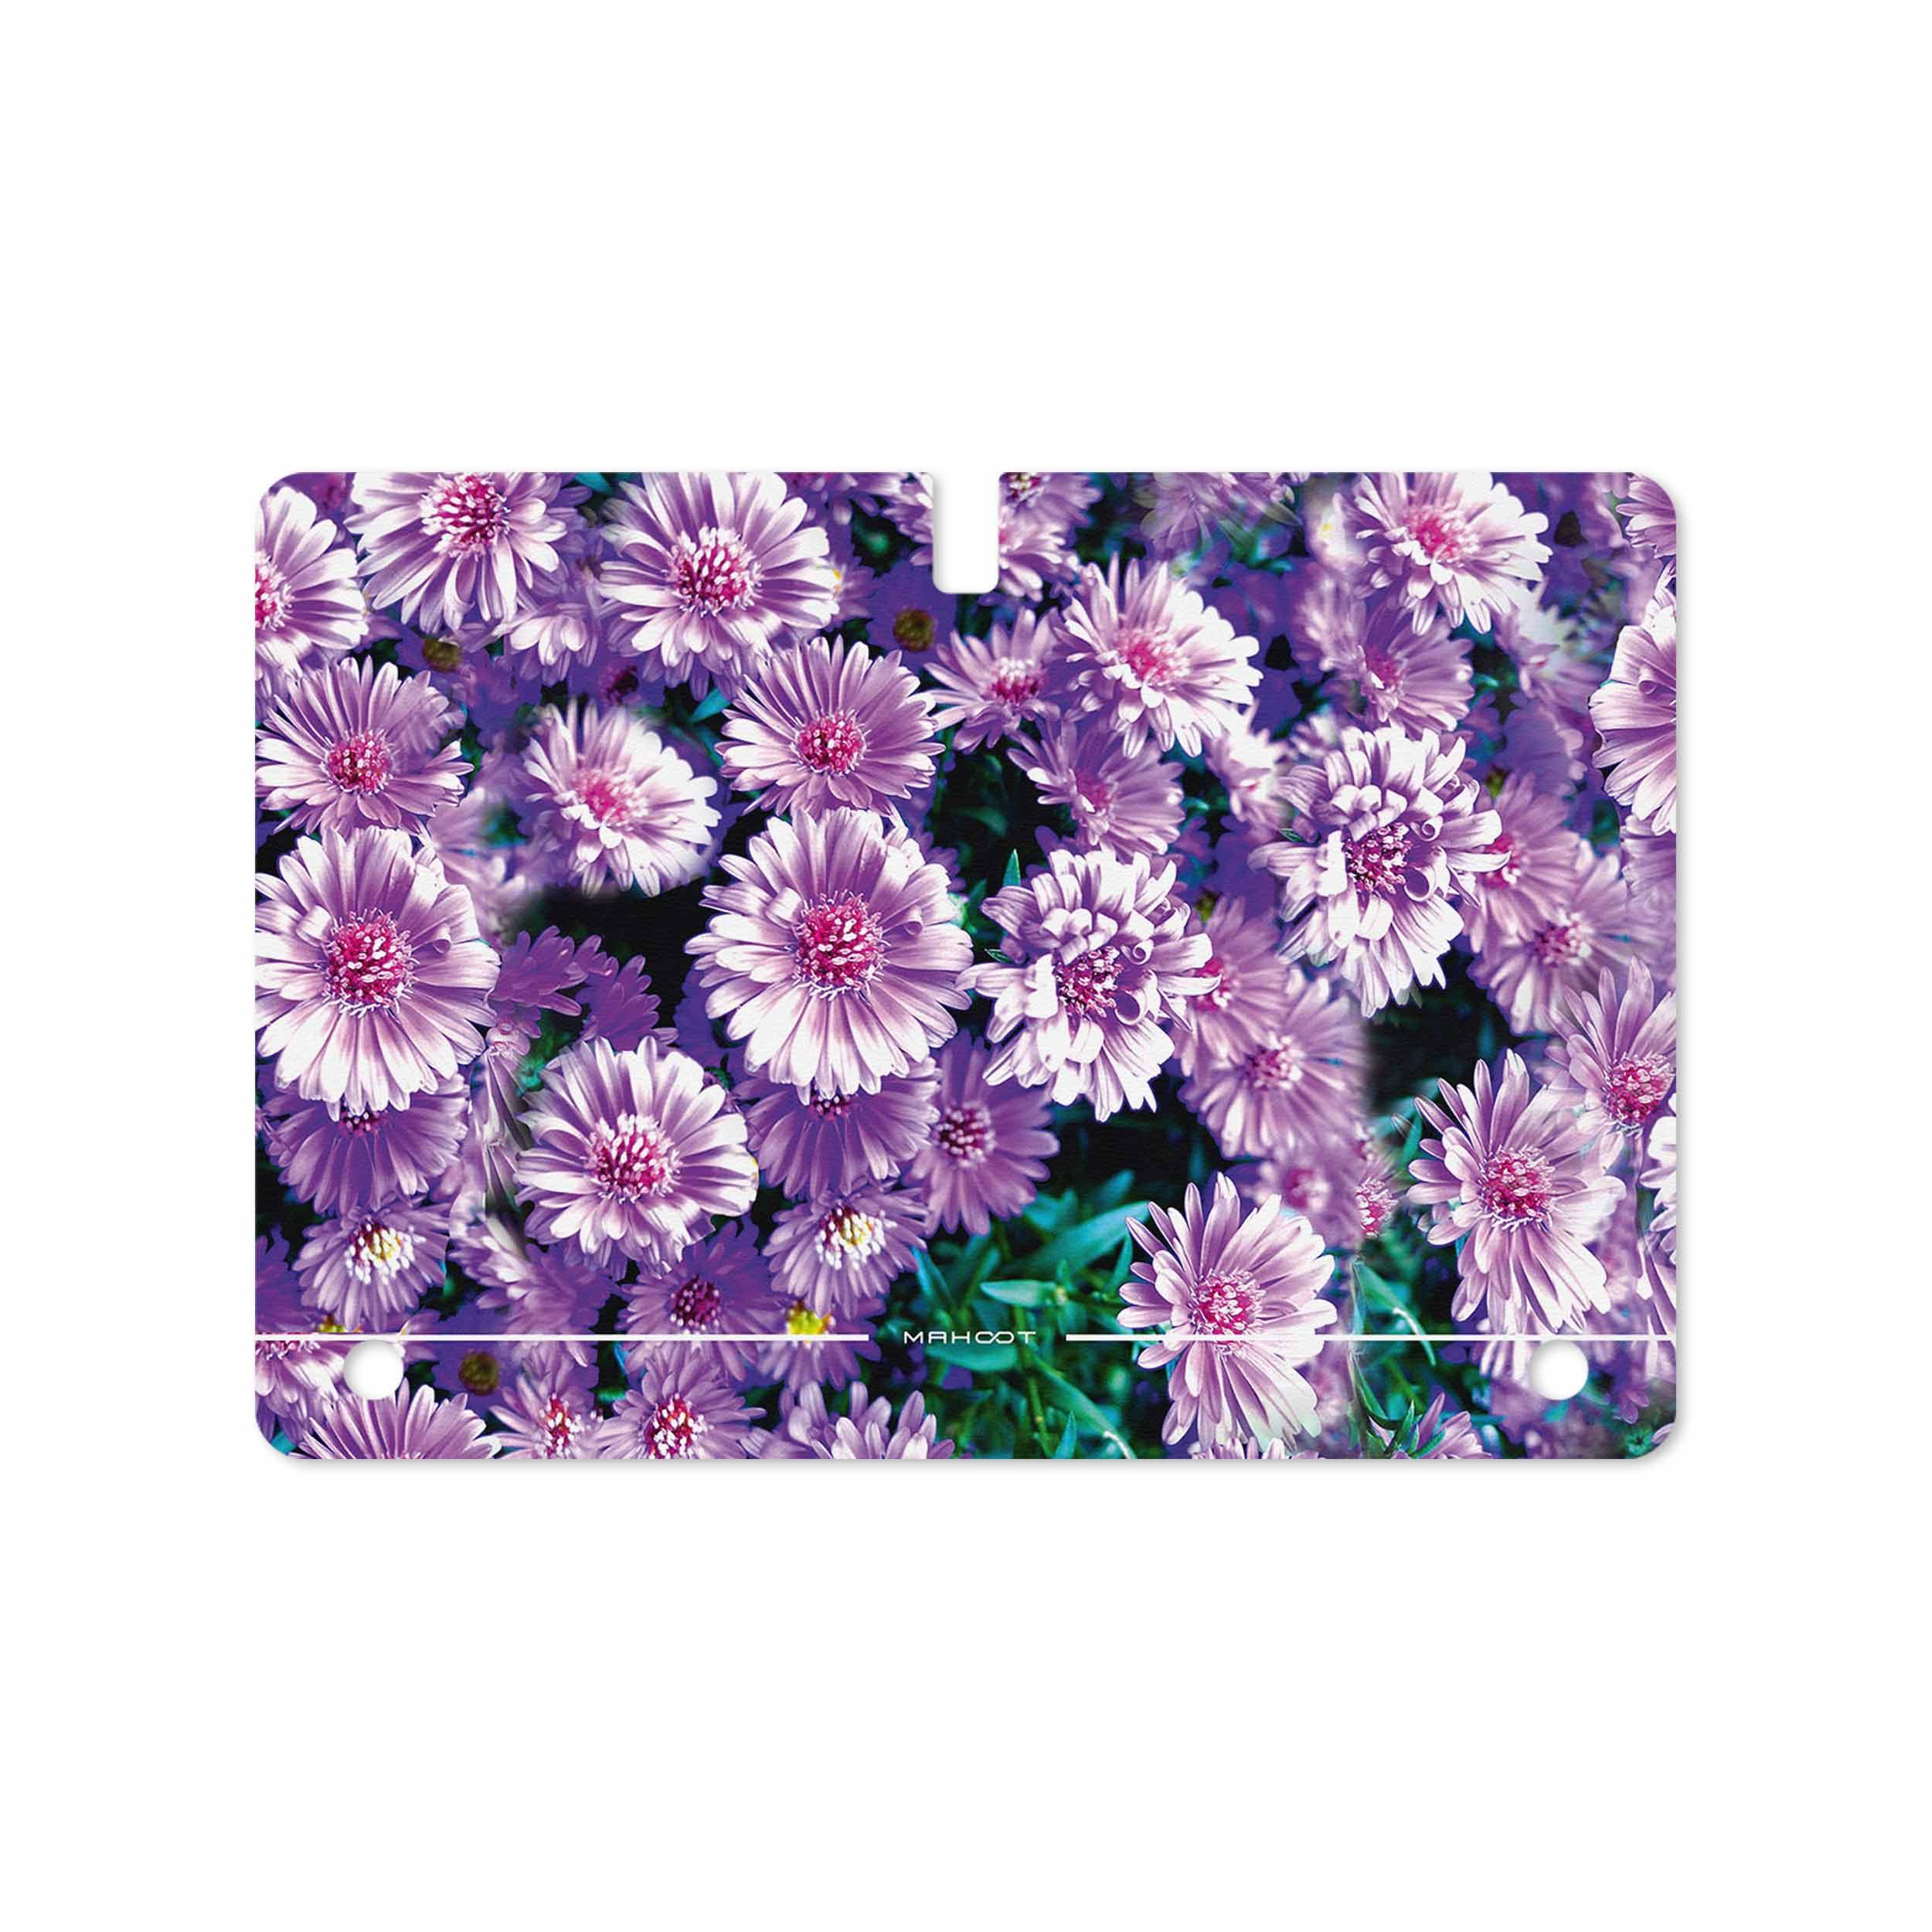 بررسی و خرید [با تخفیف]                                     برچسب پوششی ماهوت مدل Purple-Flower مناسب برای تبلت سامسونگ Galaxy Tab S 10.5 2014 T805                             اورجینال